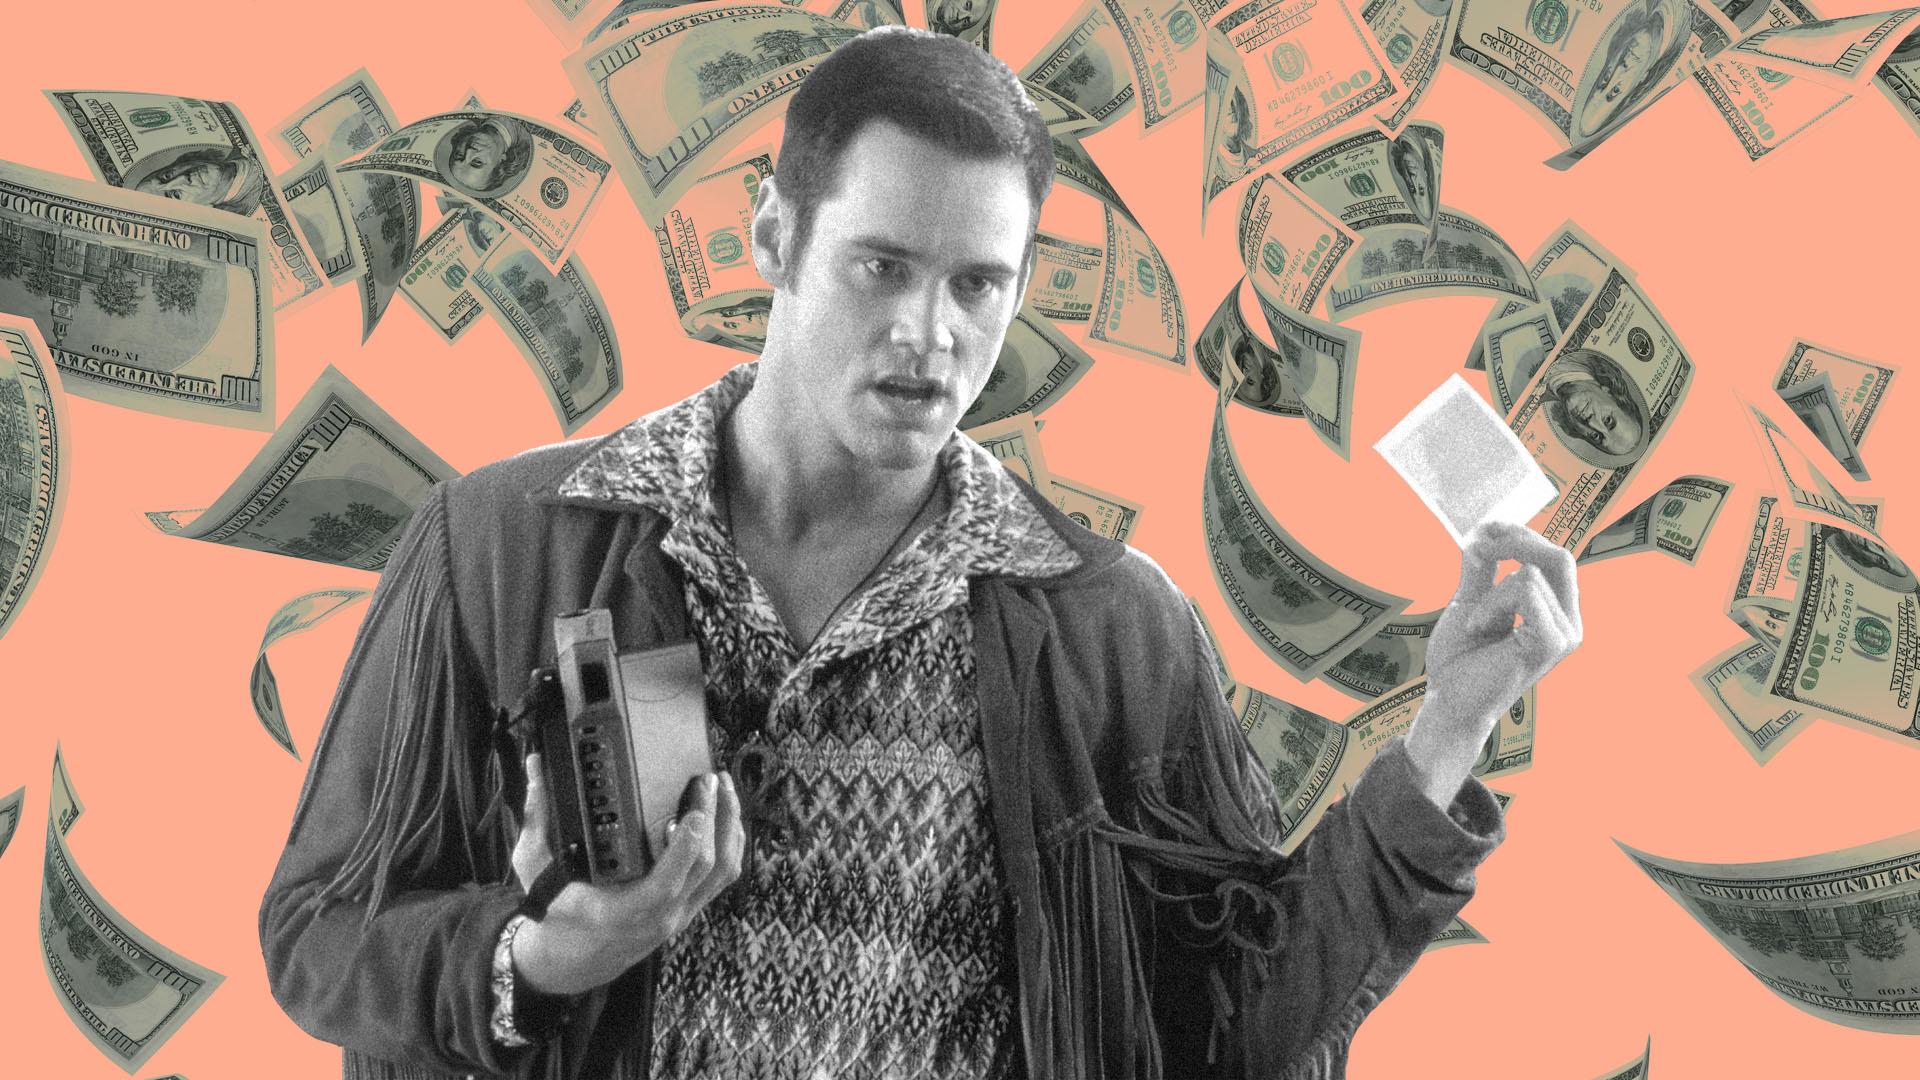 25 éves lett Jim Carrey 20 millió dolláros fizetése